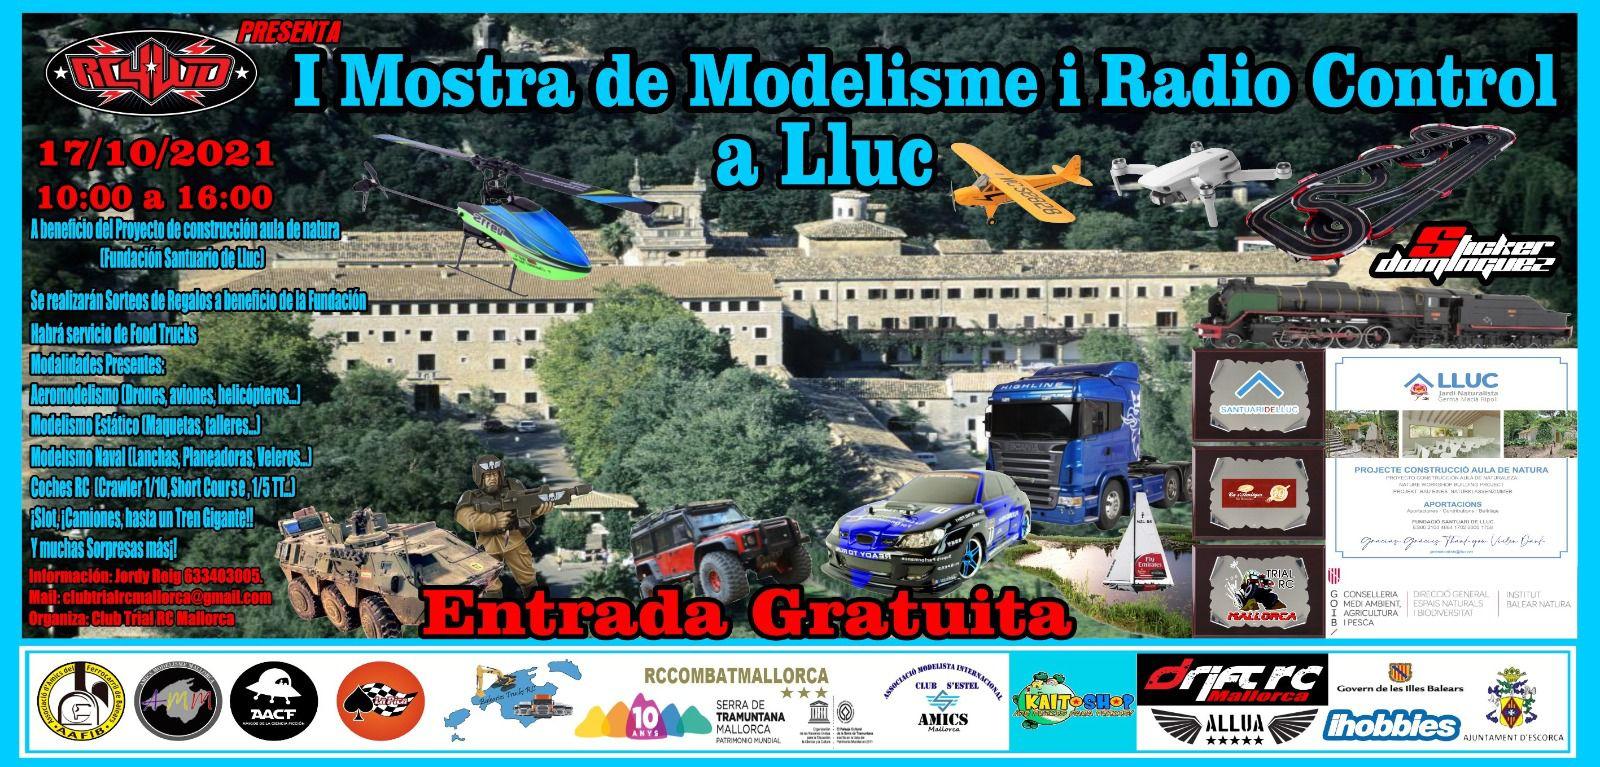 1ª MOSTRA DE MODELISME I RADIO CONTROL A LLUC (17/10/21)